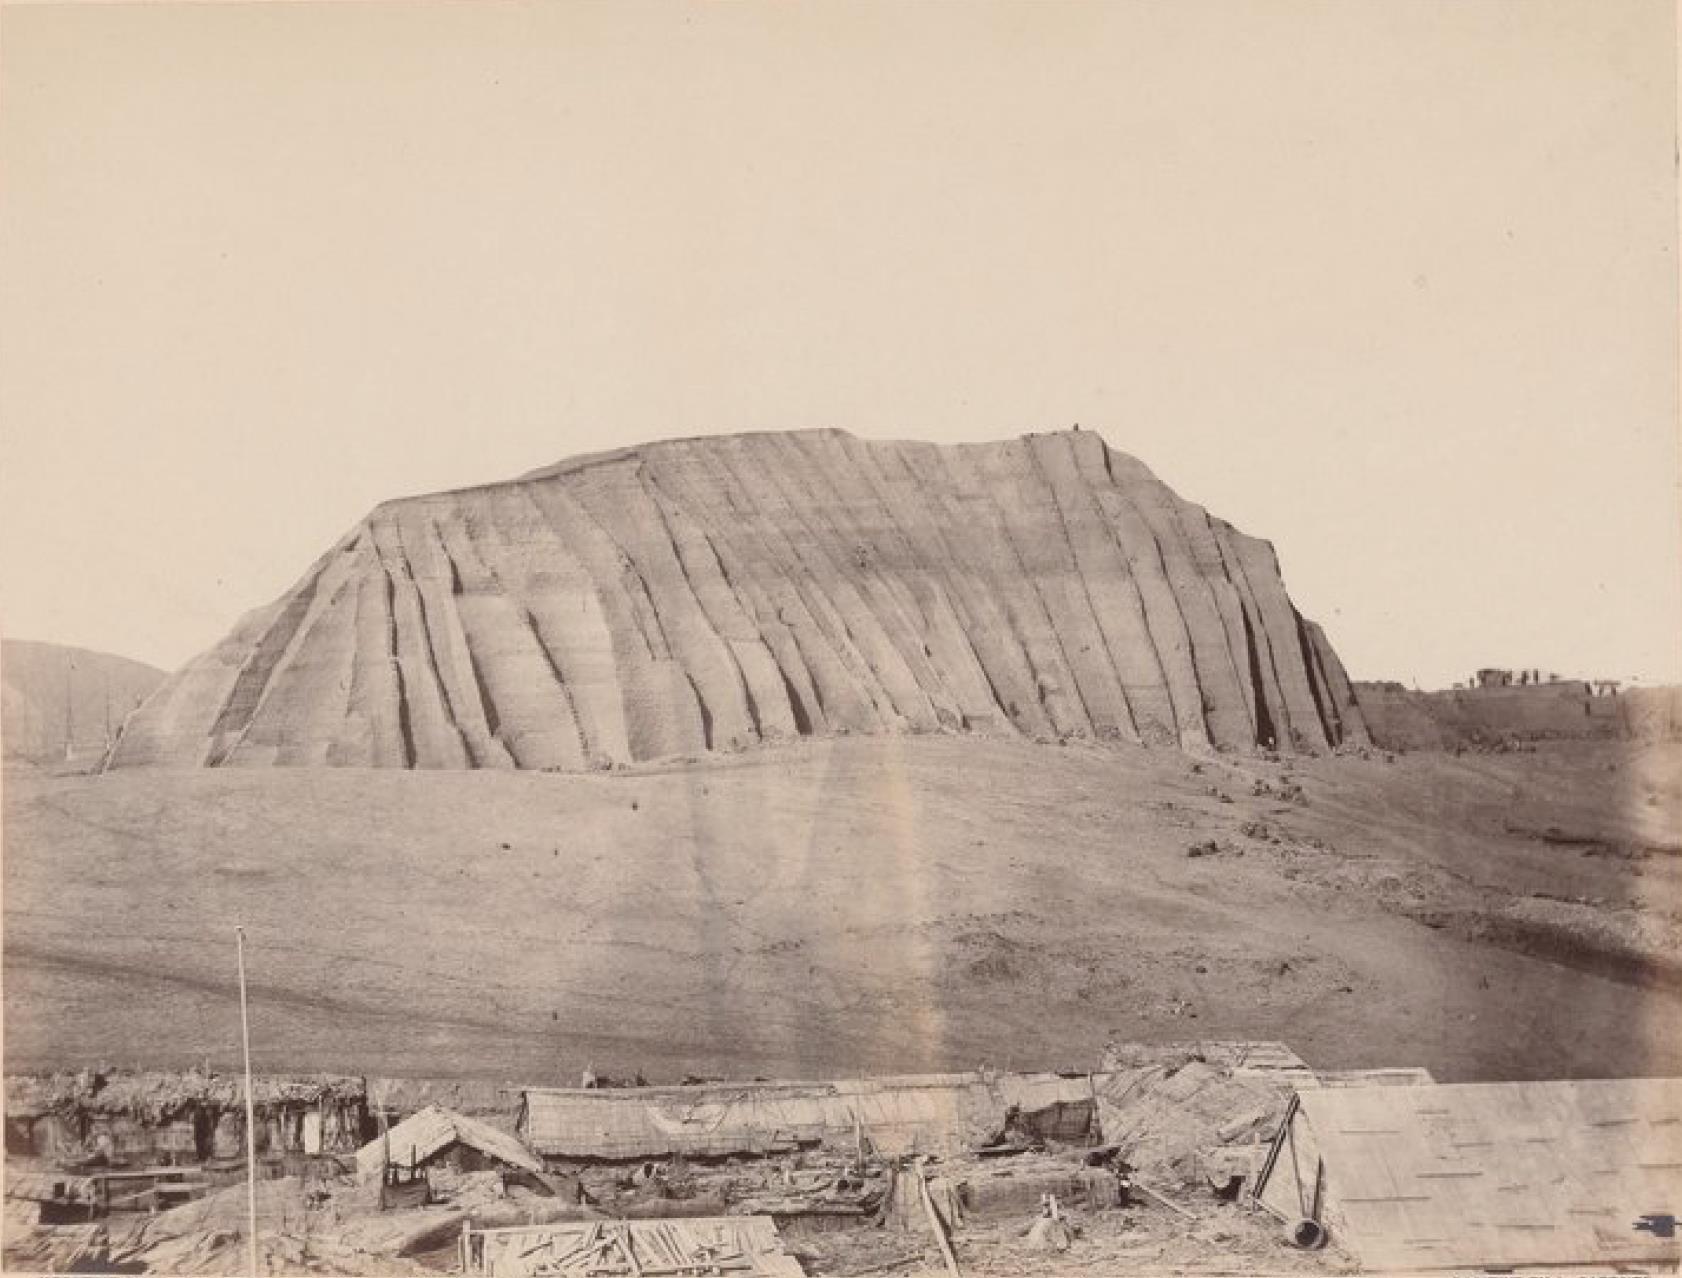 Острова Чинча. Громадная куча гуано (2 000 000 тонн)